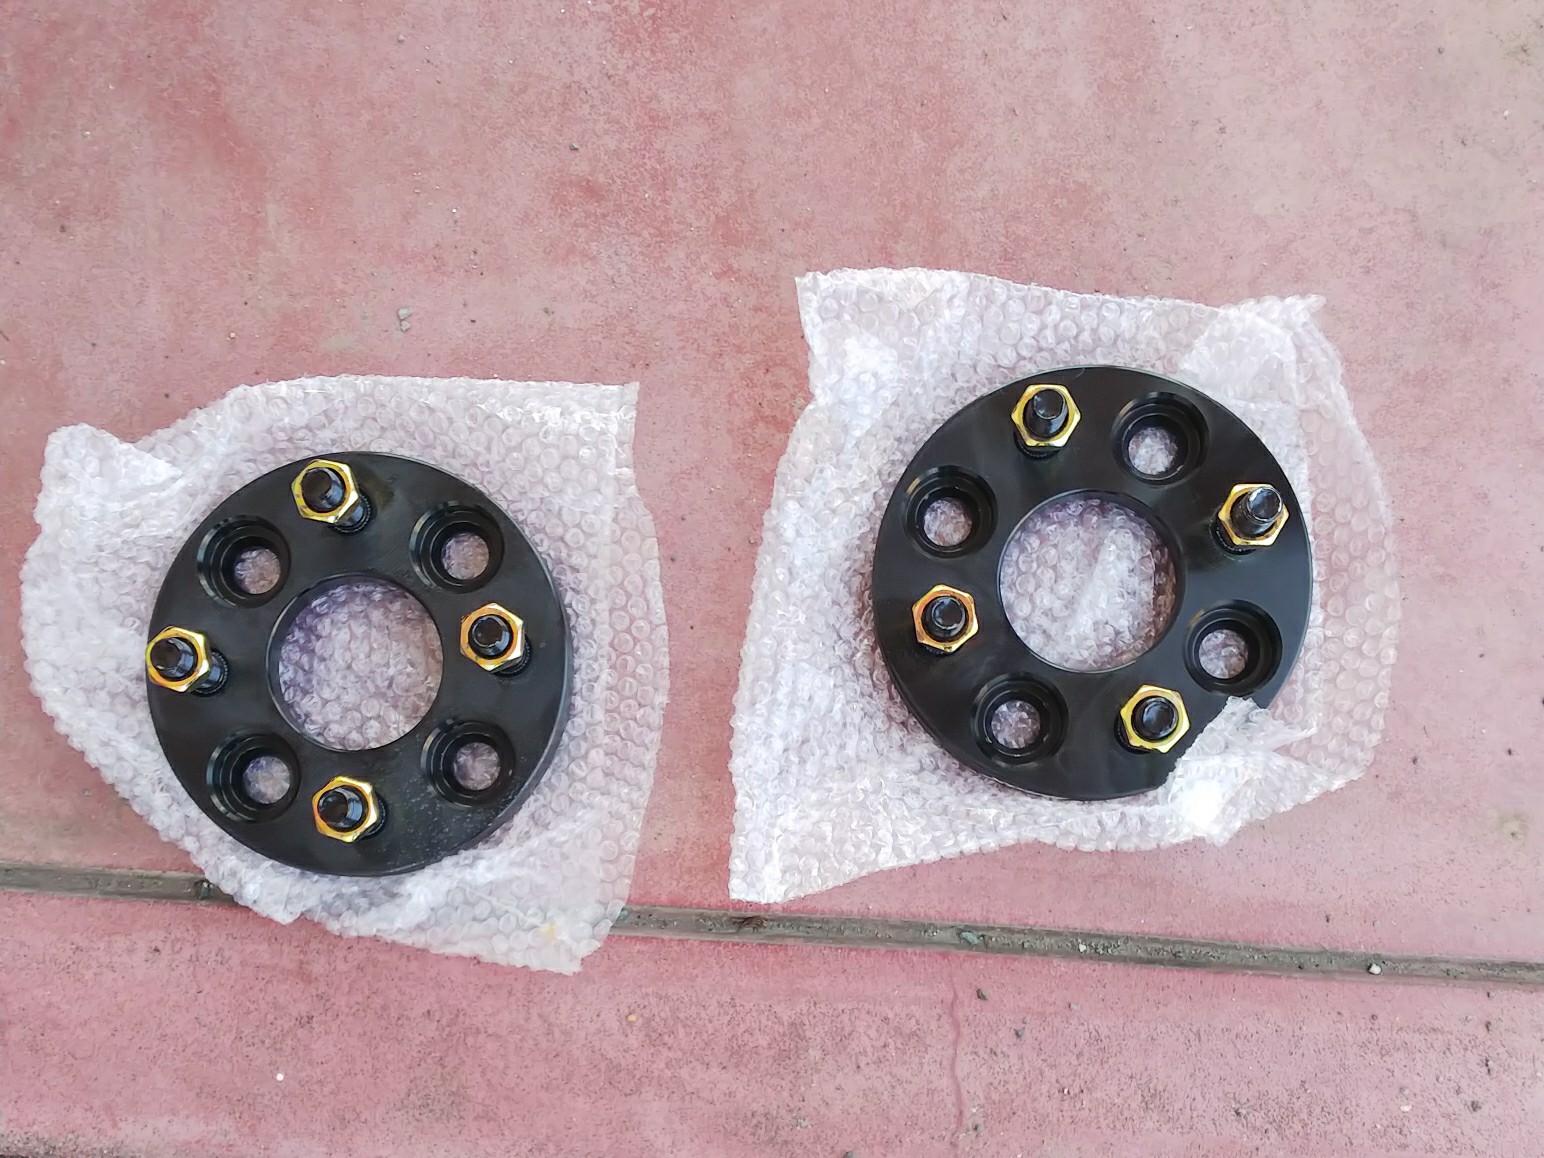 Durax ワイドトレッドスペーサー 15mm 100-4H-P1.5 ナット付 黒